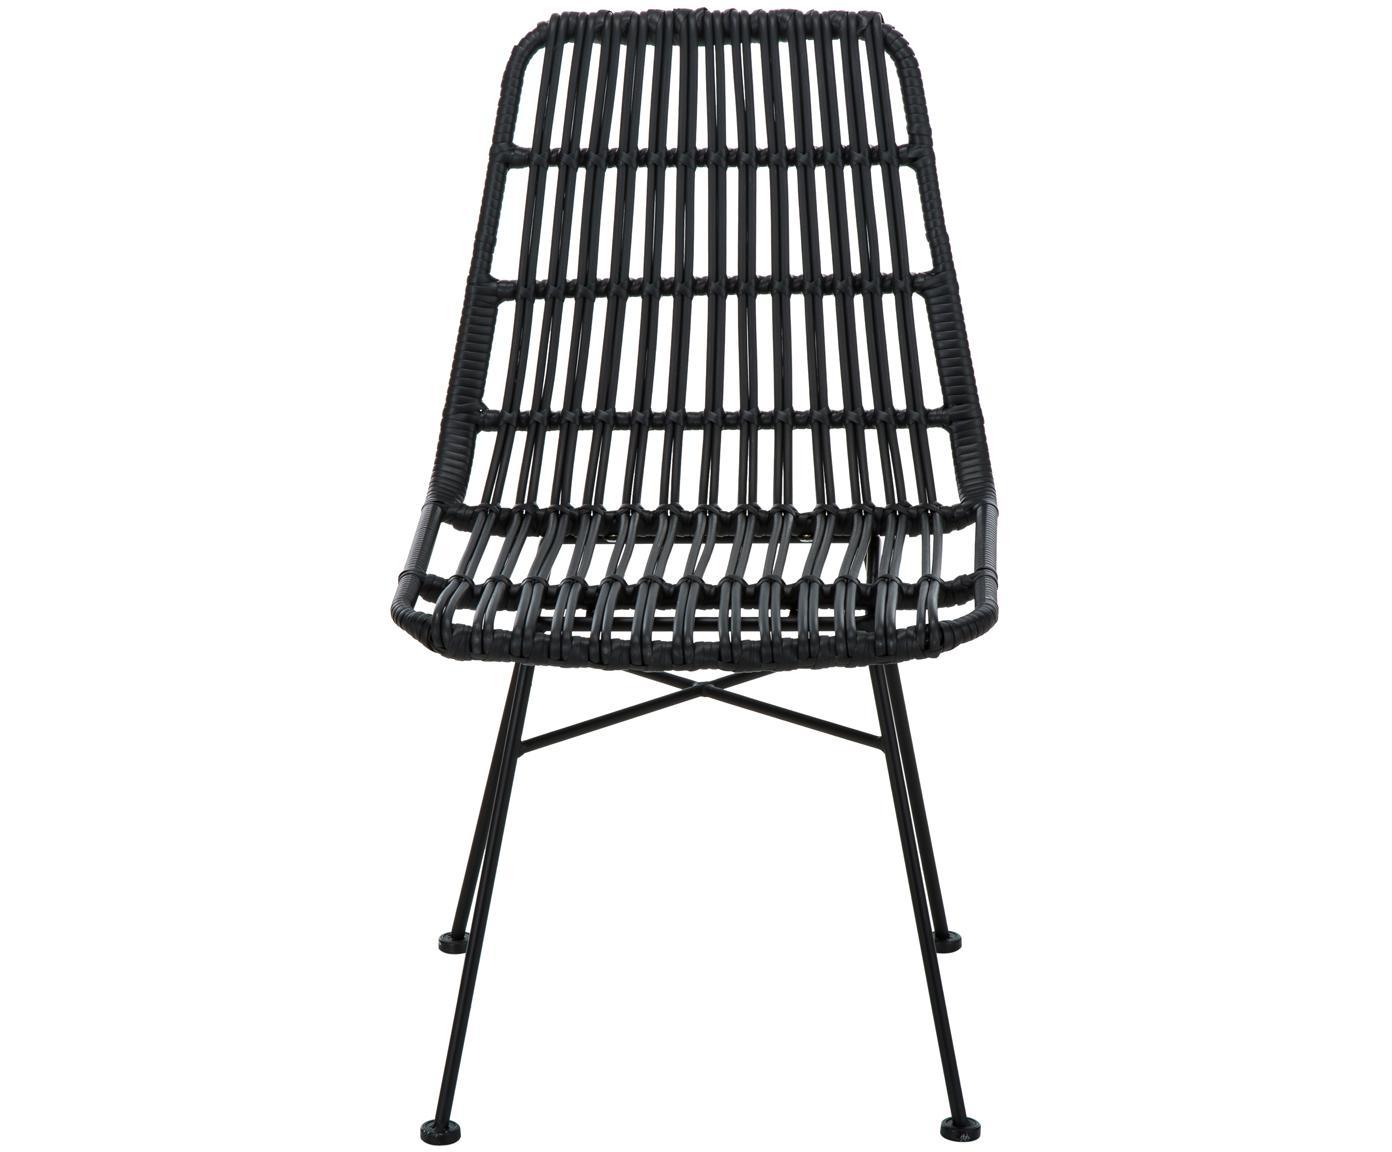 Krzesło z polirattanu Tulum, 2 szt., Stelaż: metal malowany proszkowo, Siedzisko: czarny Stelaż: czarny, matowy, S 47 x G 62 cm